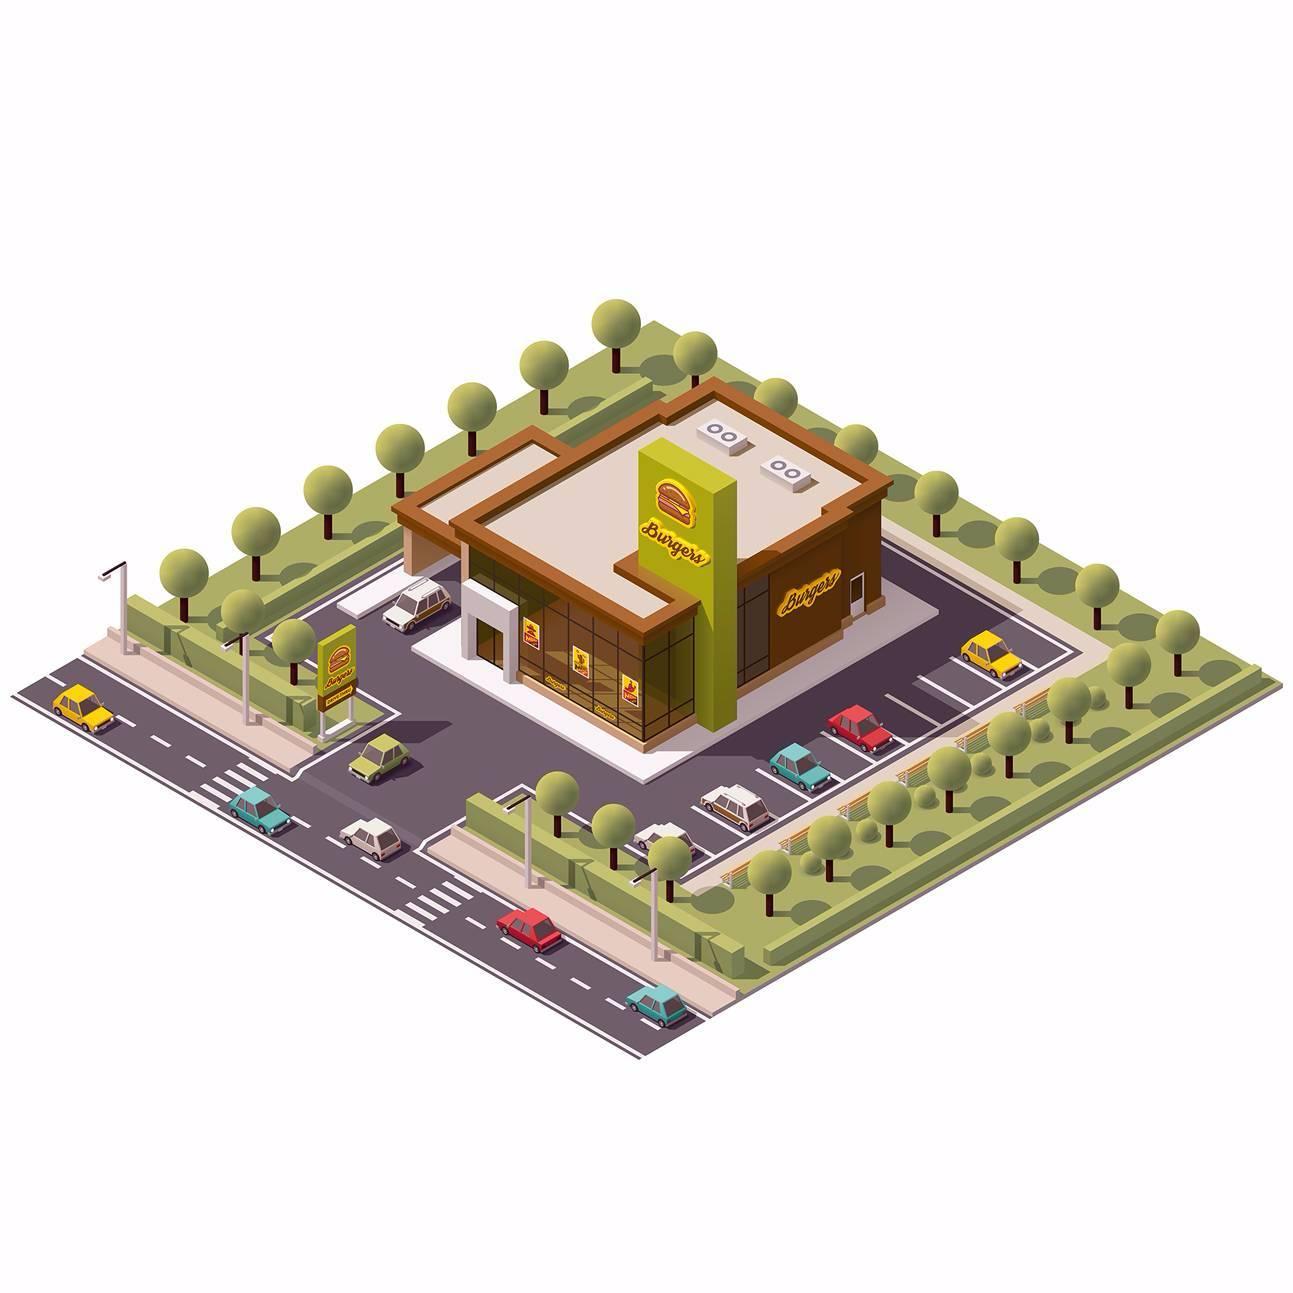 汉堡店3D扁平化创意设计